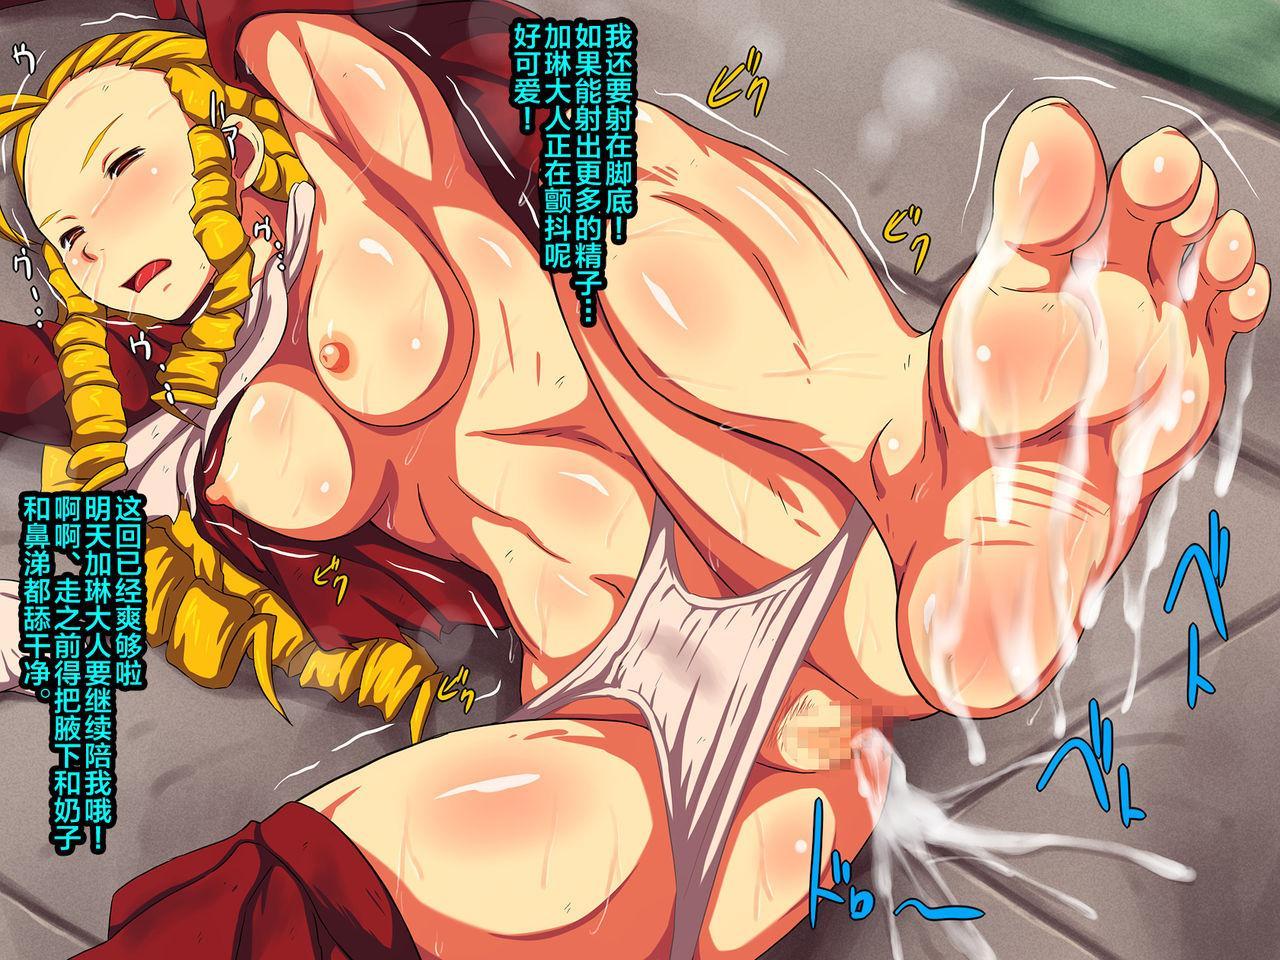 [L-u (Makura no Doushi)] Kegasareta Ojou-sama -Tights ni Shimiru Jiru- (Street Fighter) [Chinese] [新桥月白日语社] 153